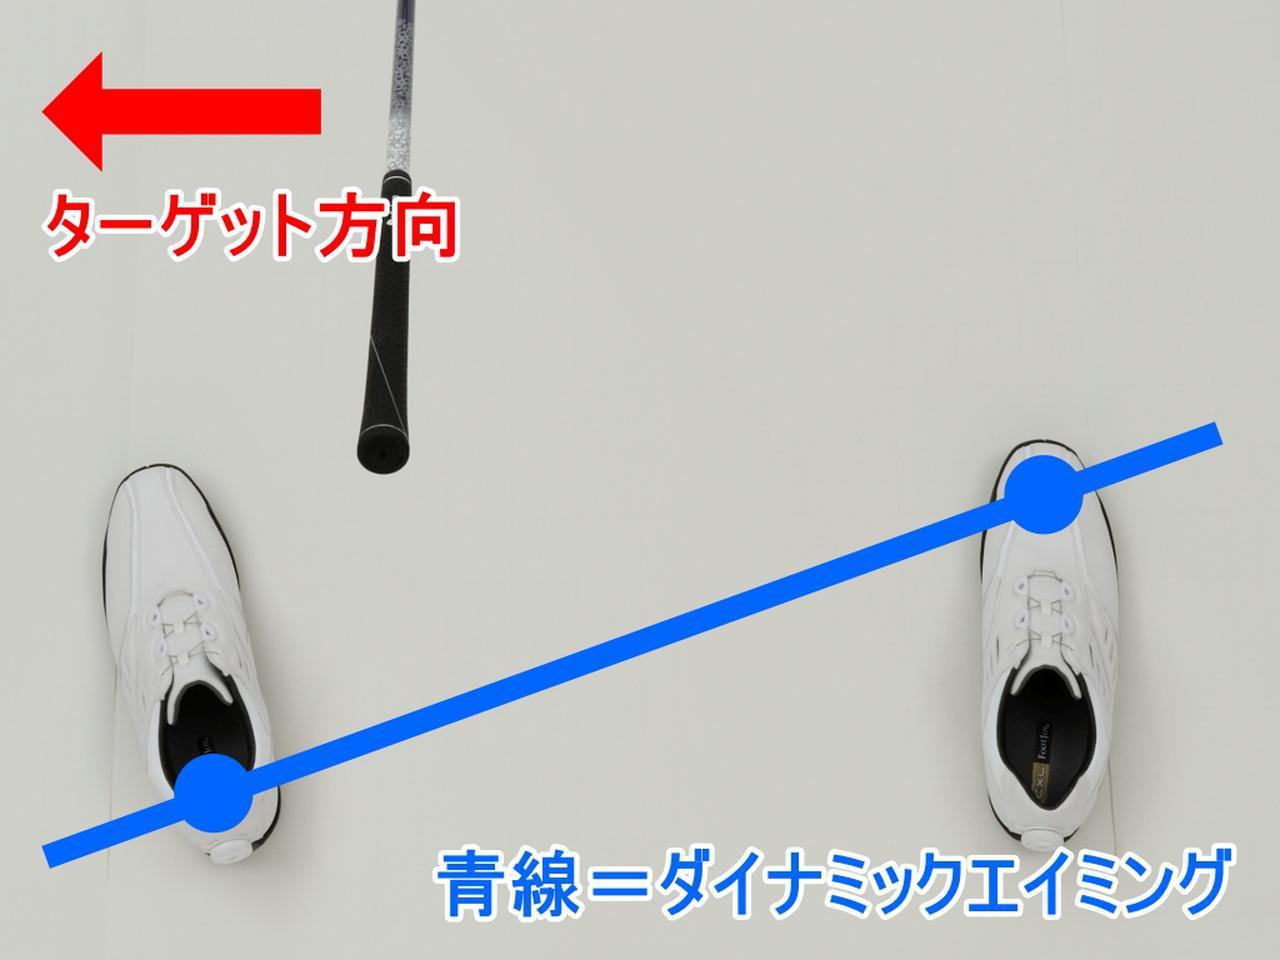 画像: 写真B:ダイナミックエイミングを考慮すると、スクェアスタンスでも体が開いた状態になる